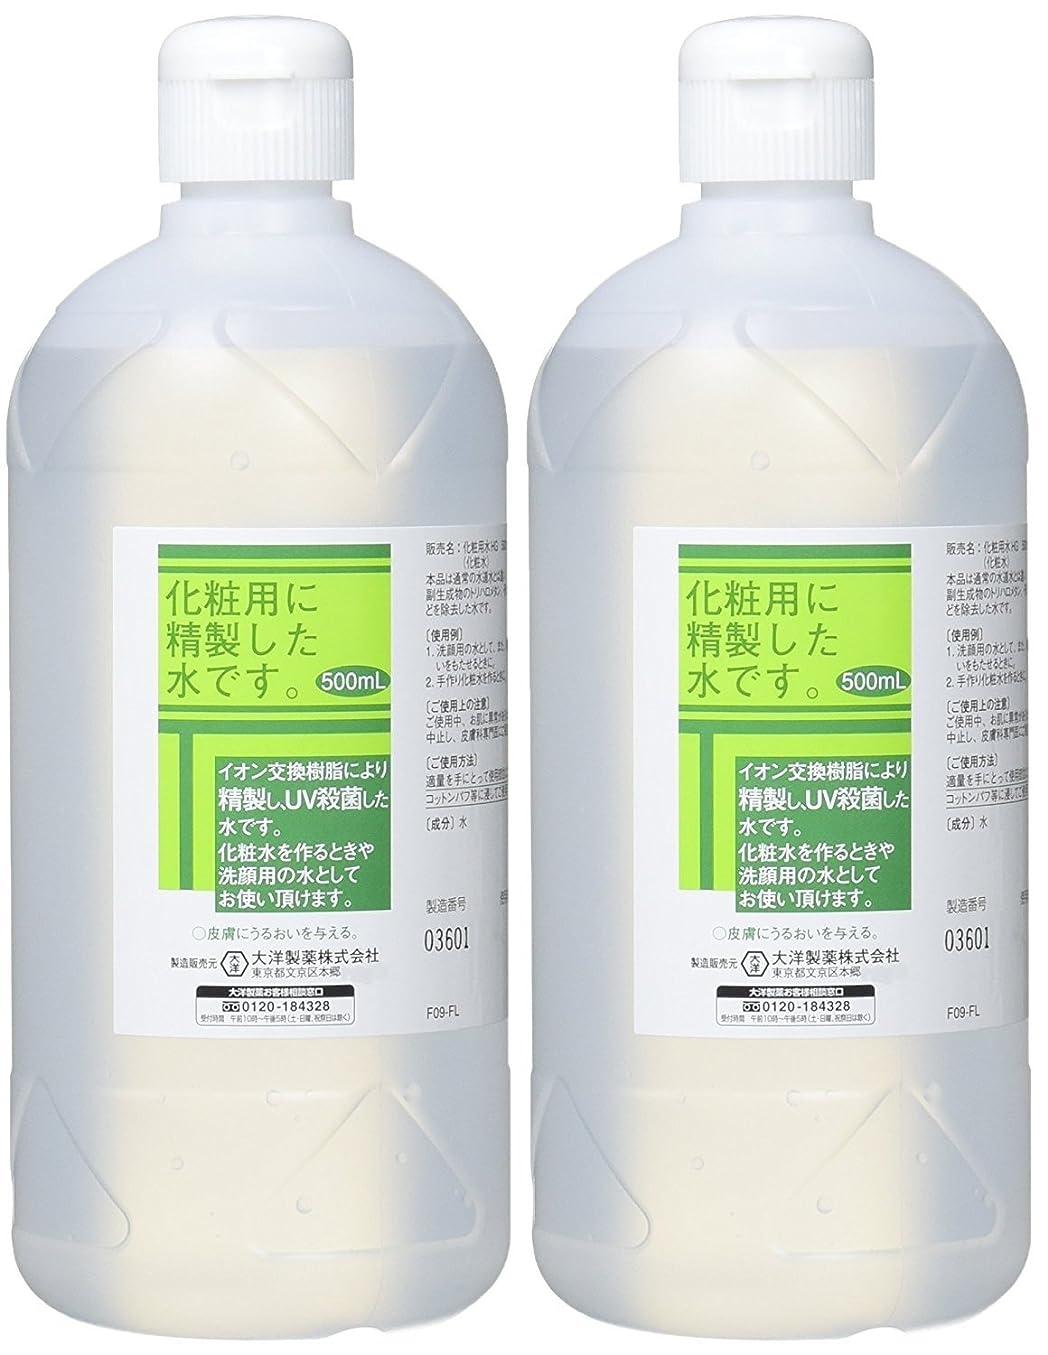 天才優しさ離婚化粧用 精製水 HG 500ml×2個